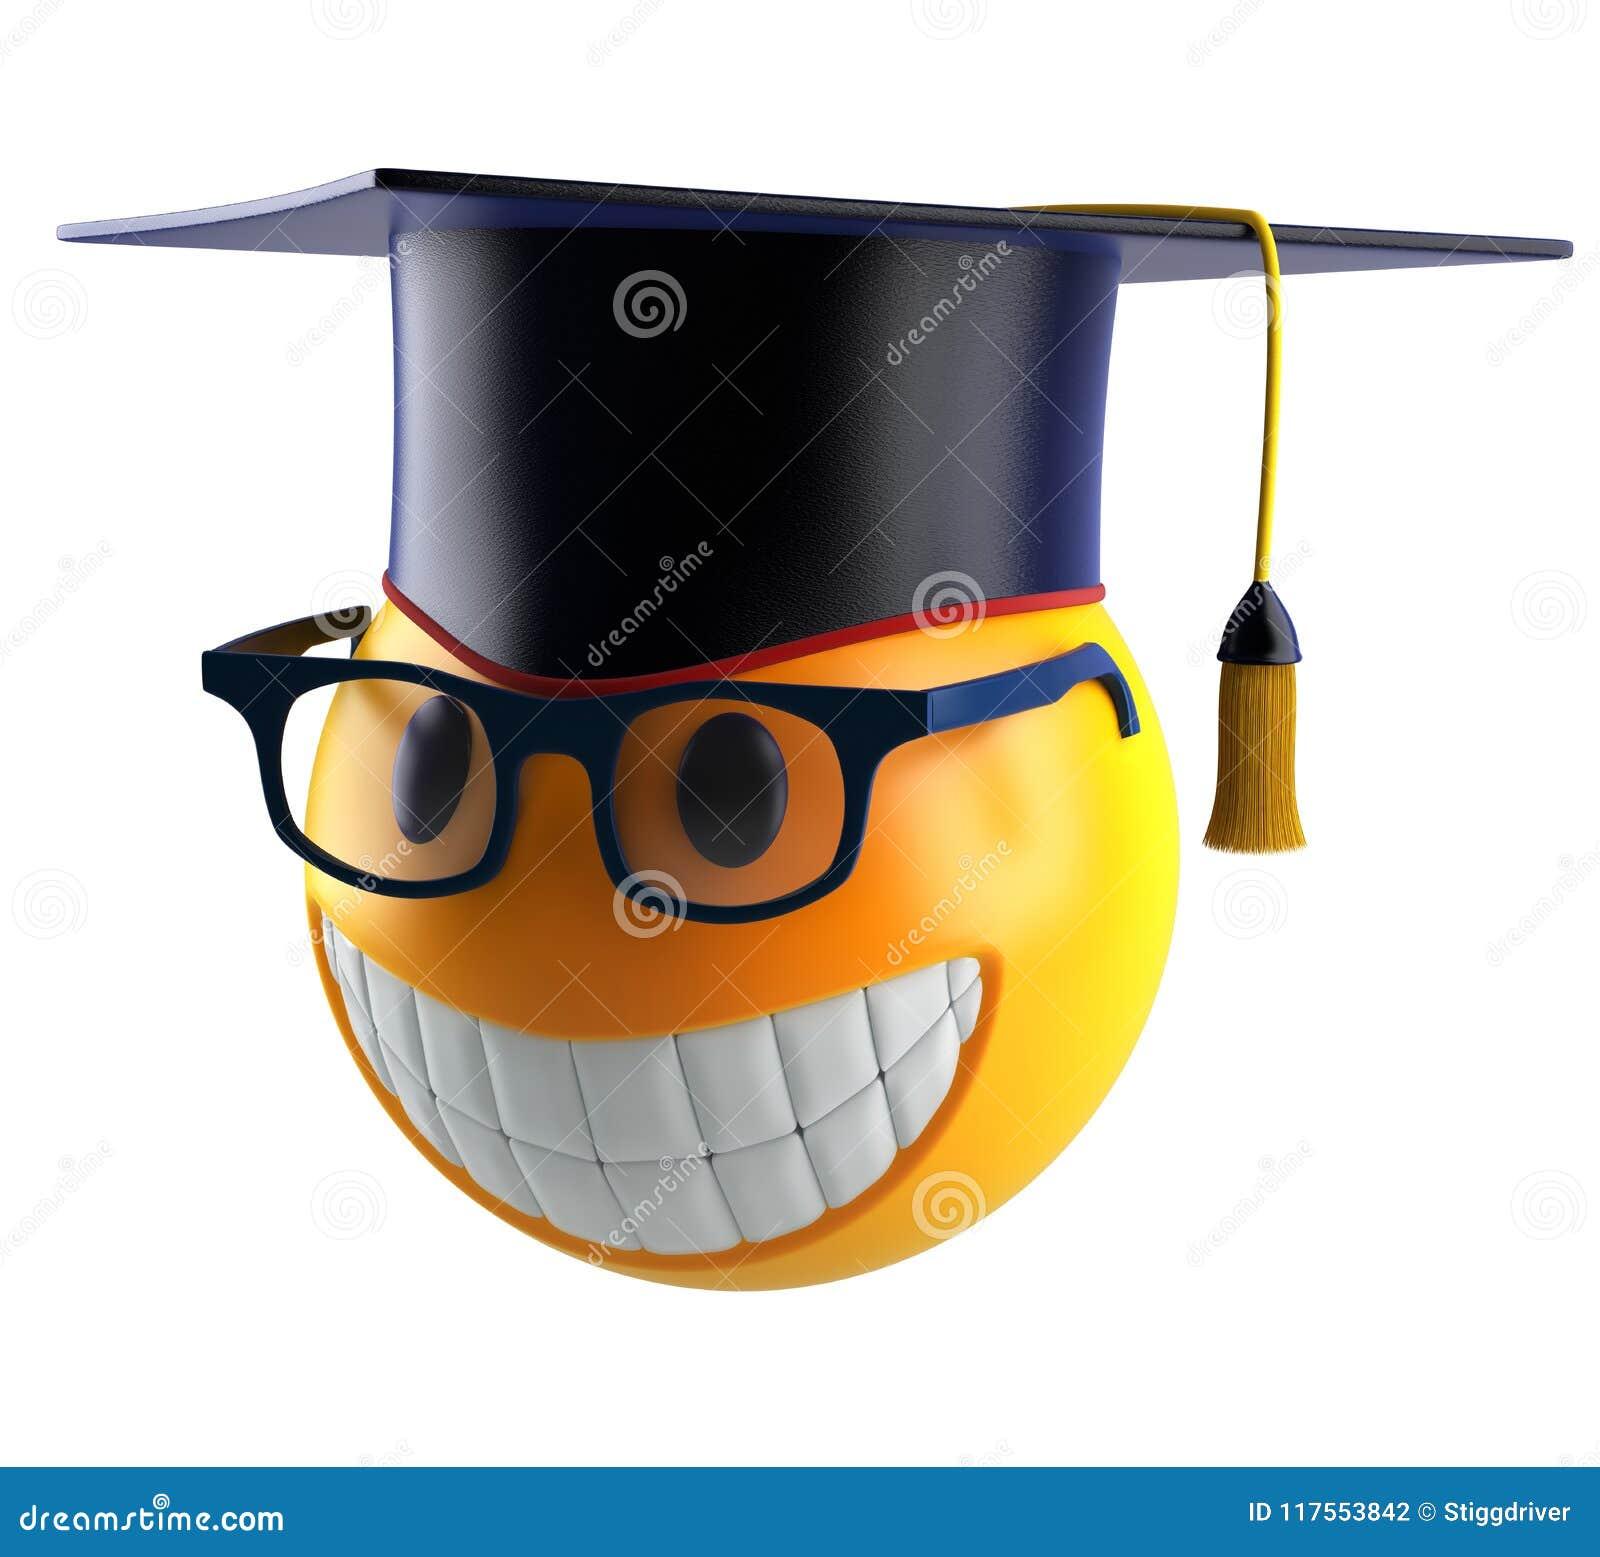 Glimlachgebied emoticon met oogglazen en graduatiestudent GLB